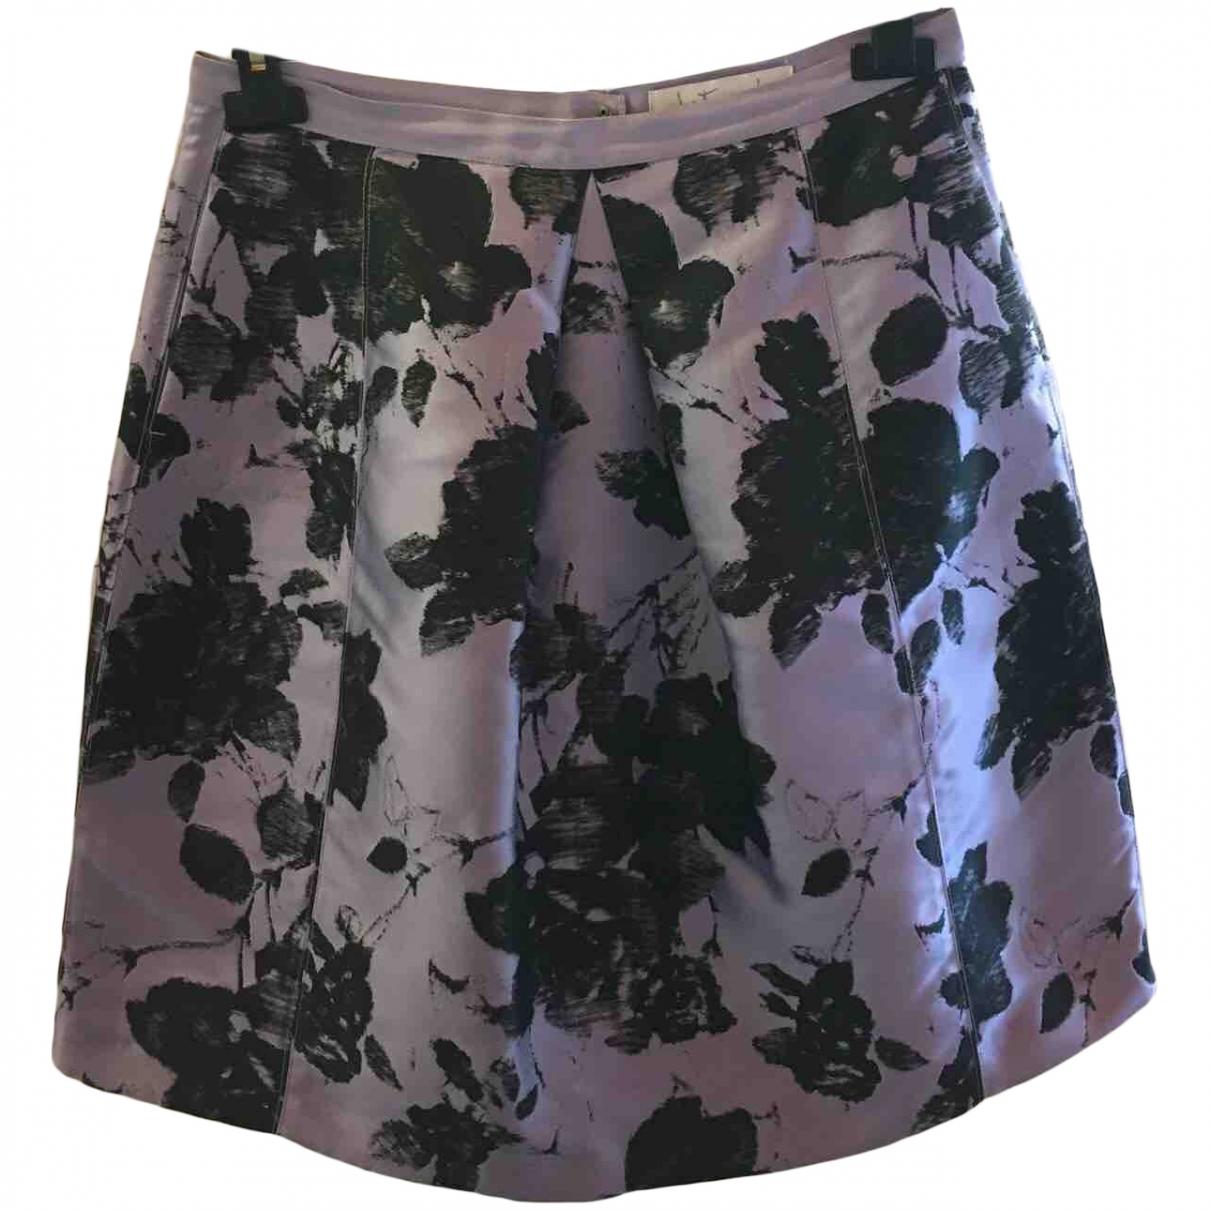 Max & Co \N Black skirt for Women 44 IT